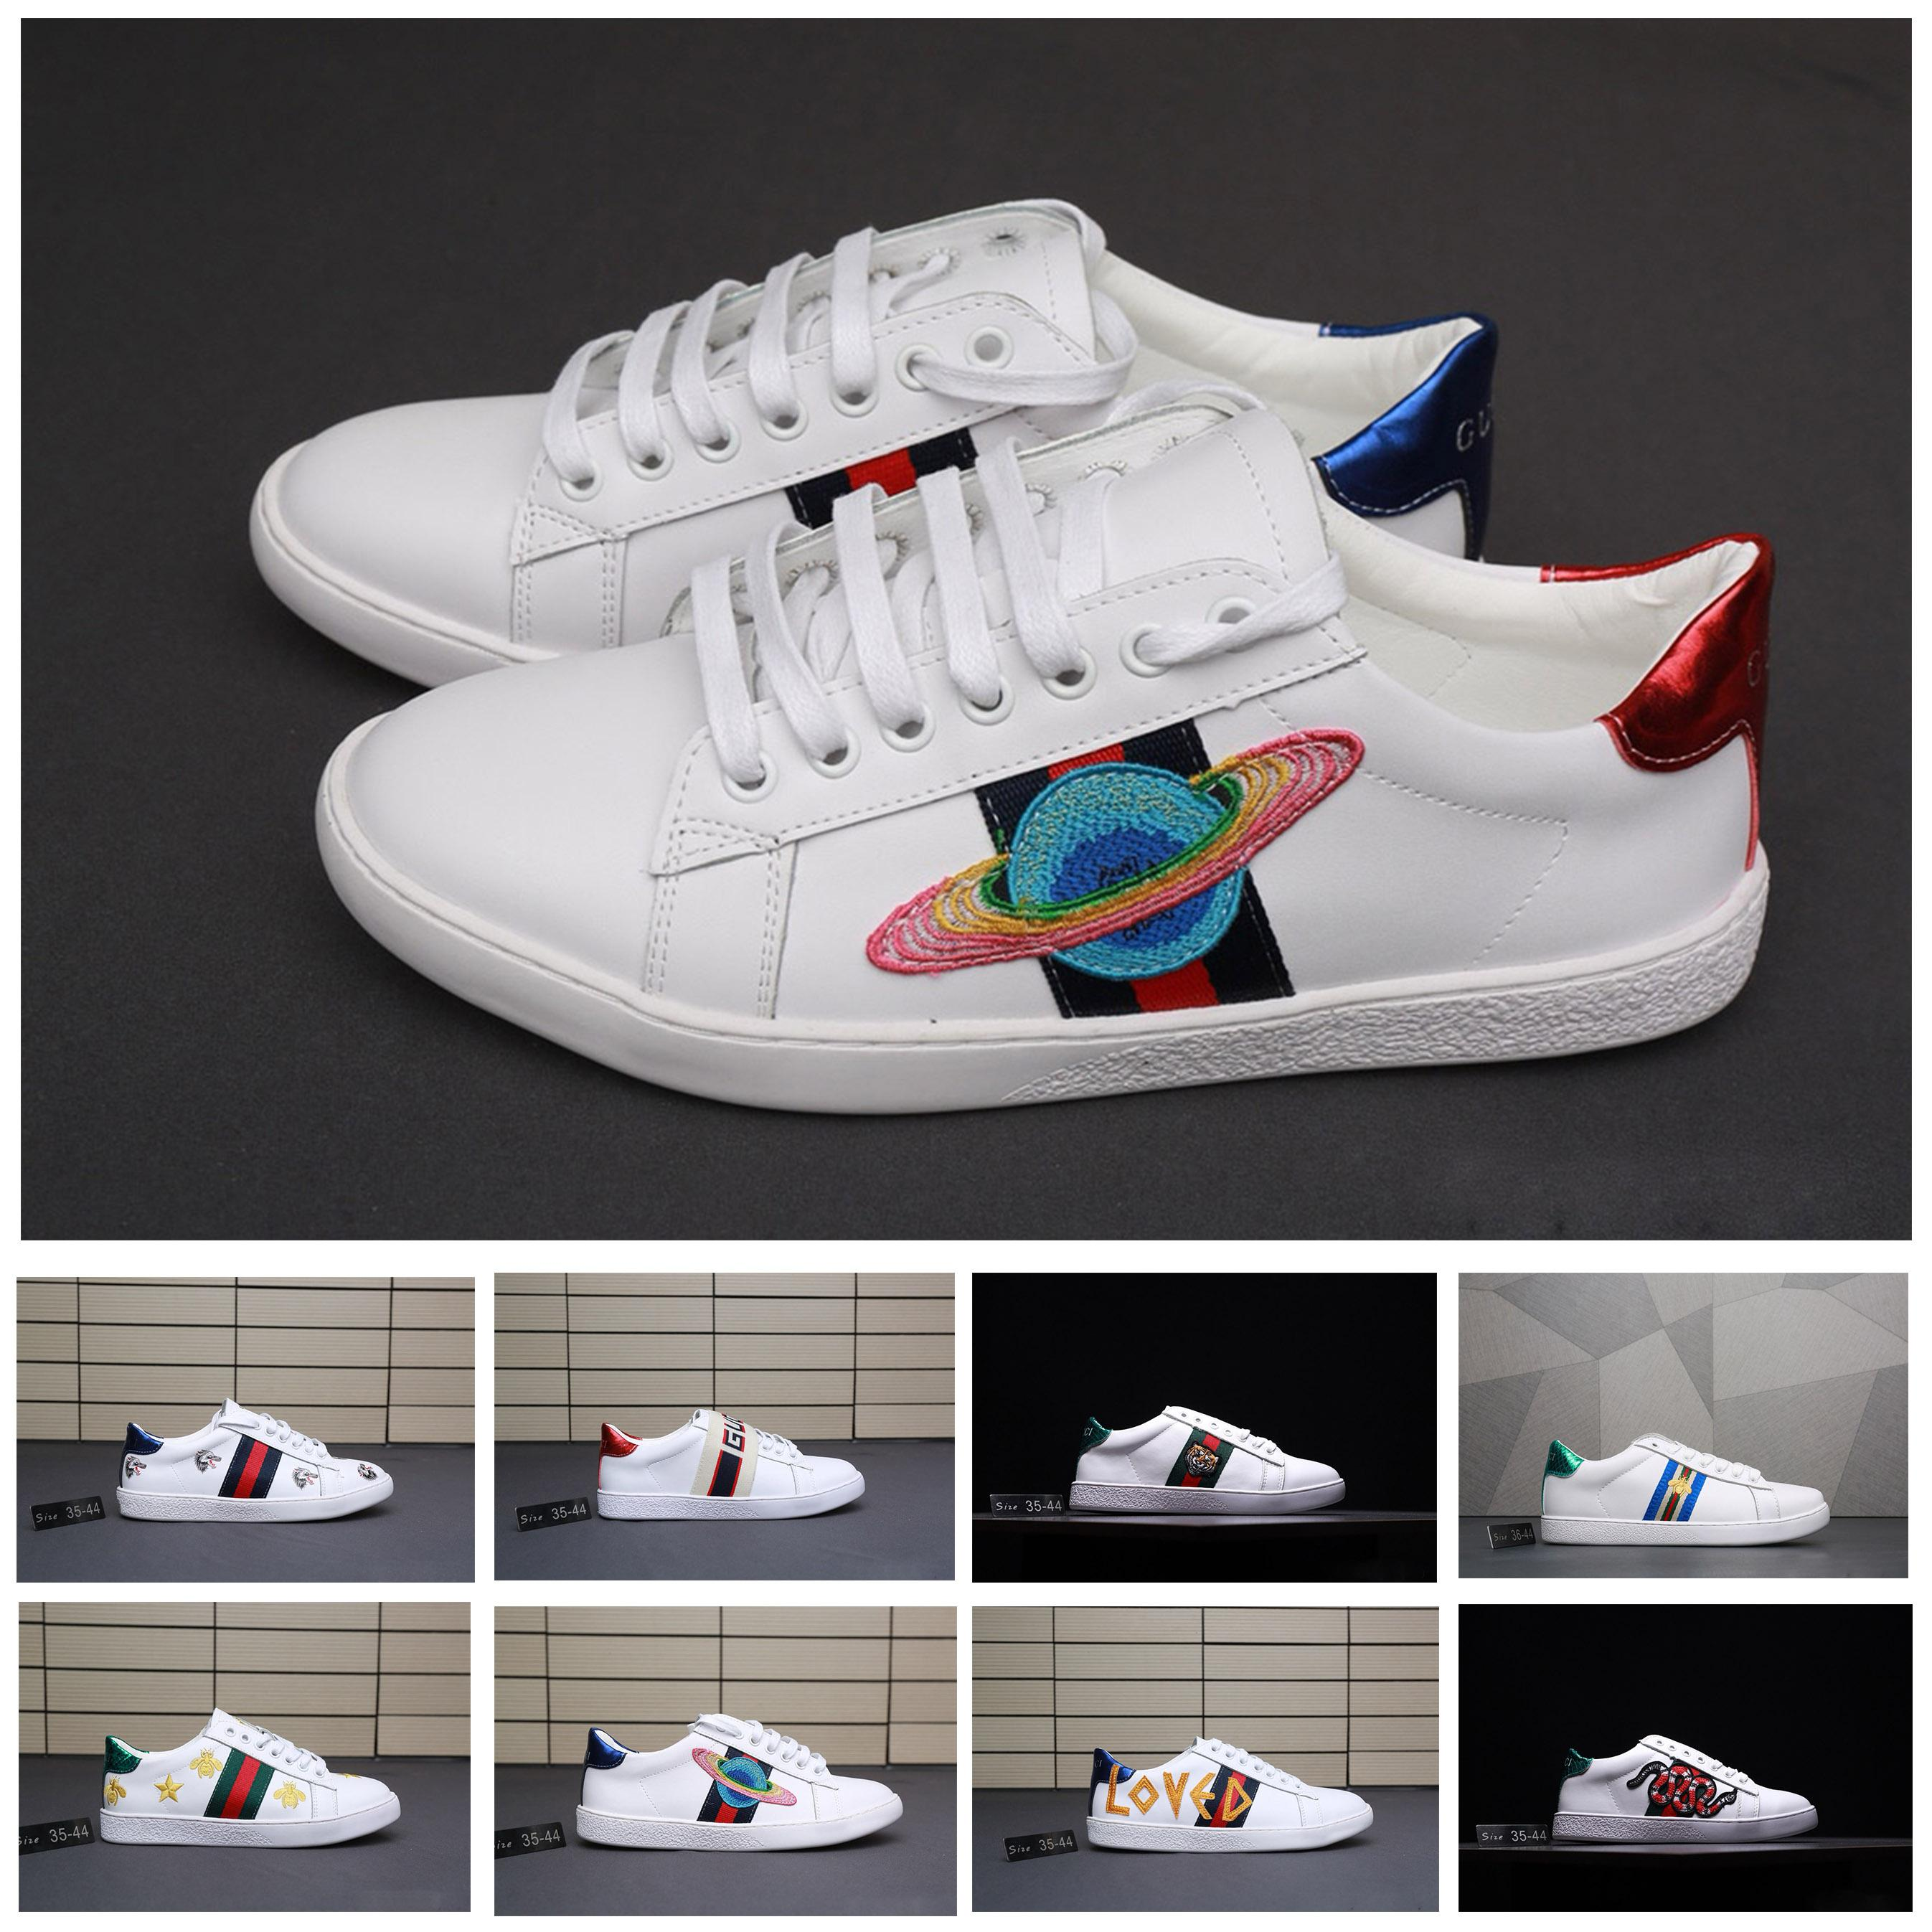 Acheter Gucci Shoes Gucci Men Shoes Chaussures Designer Luxe Chaussures  Blanc Casual Femmes Baskets Zapatos Belle Broderie Chaussures De Designer  Abeille ... d78ece62c18